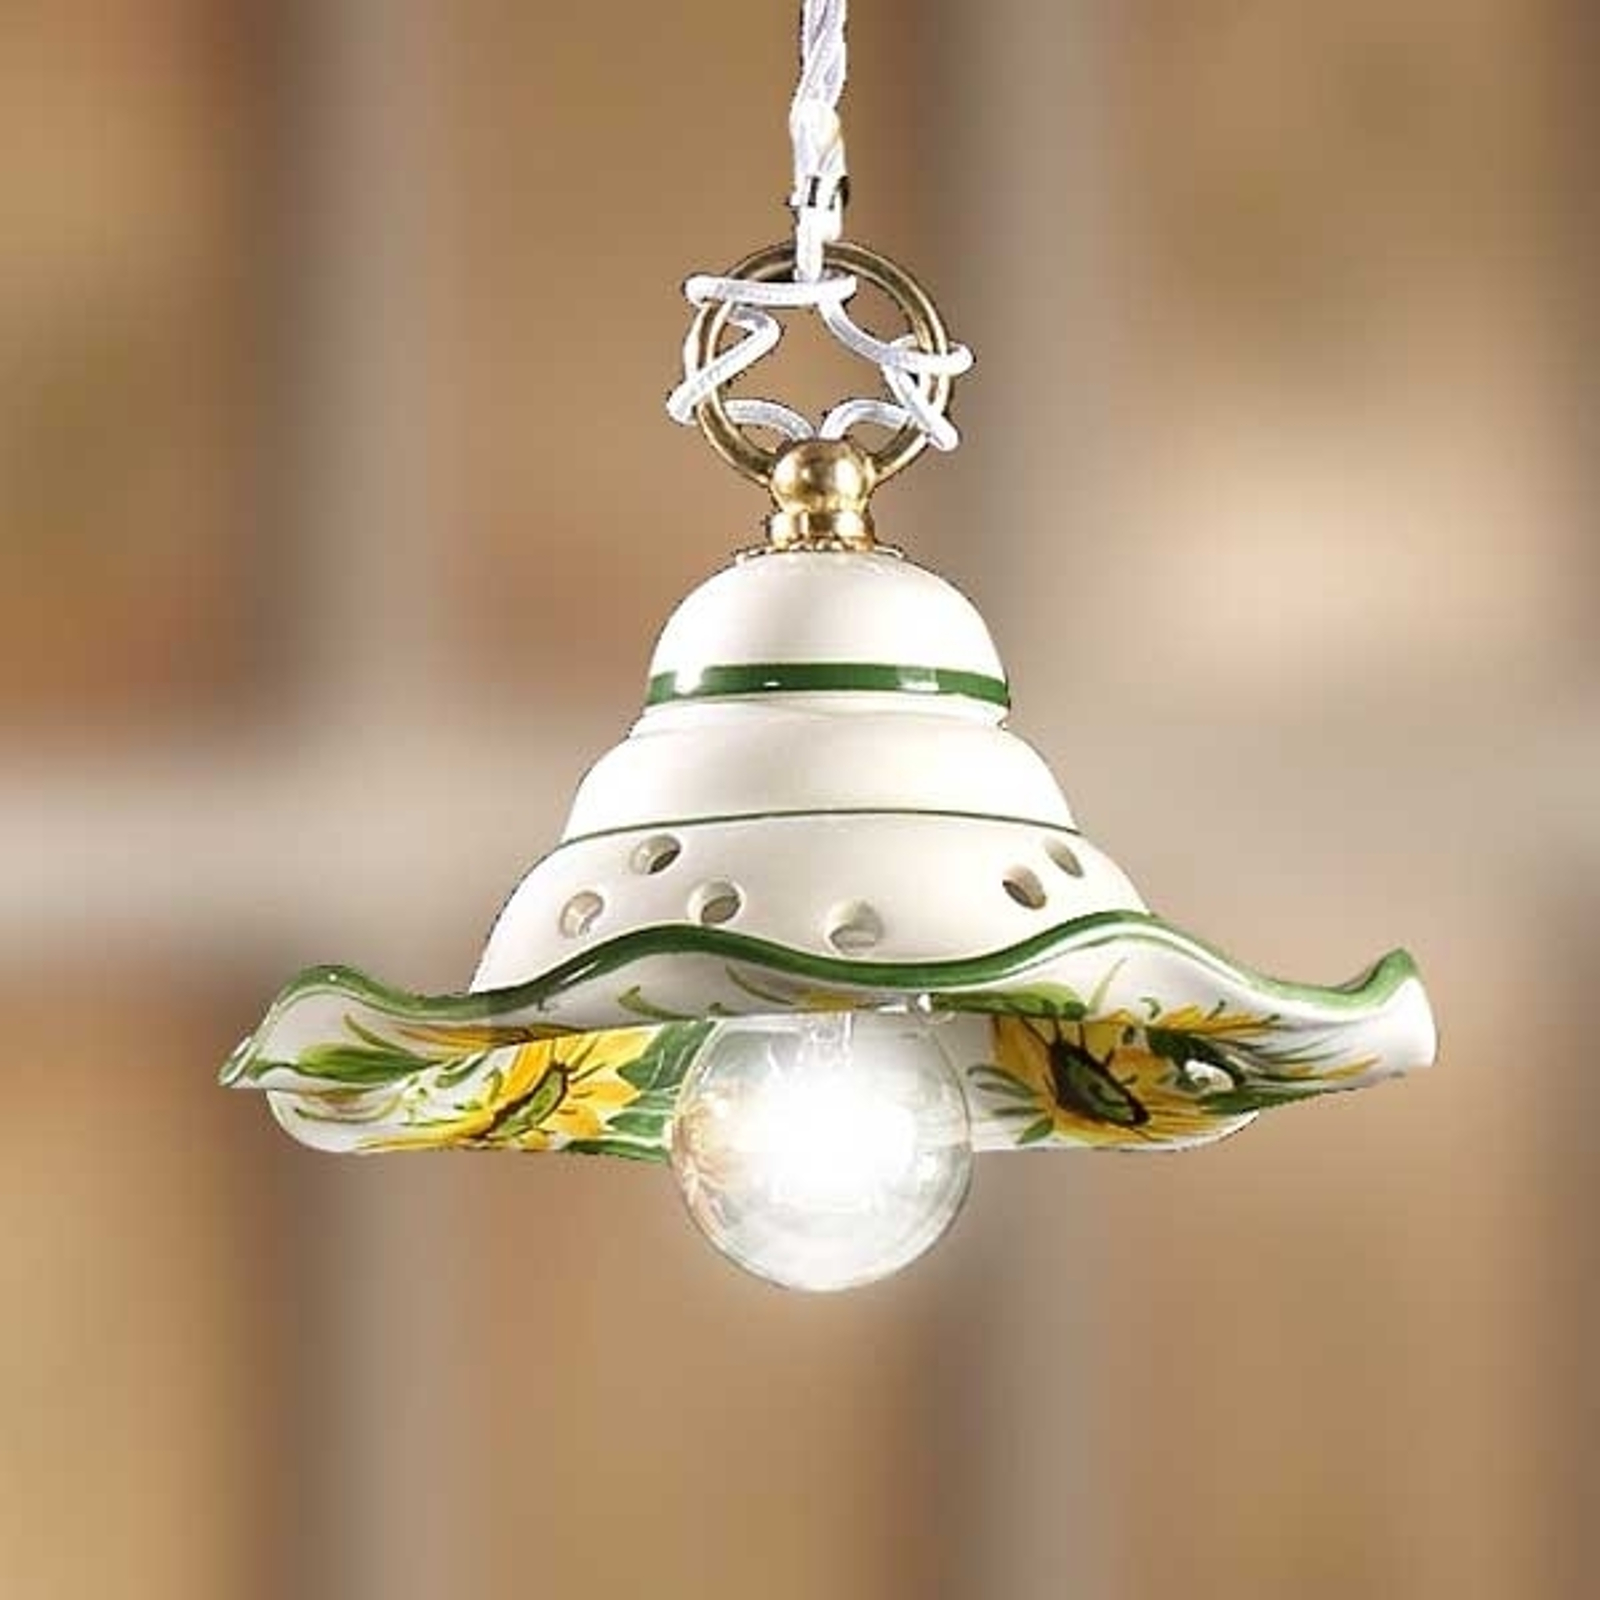 Mała lampa wisząca GIRASOLA z stylu dworkowym